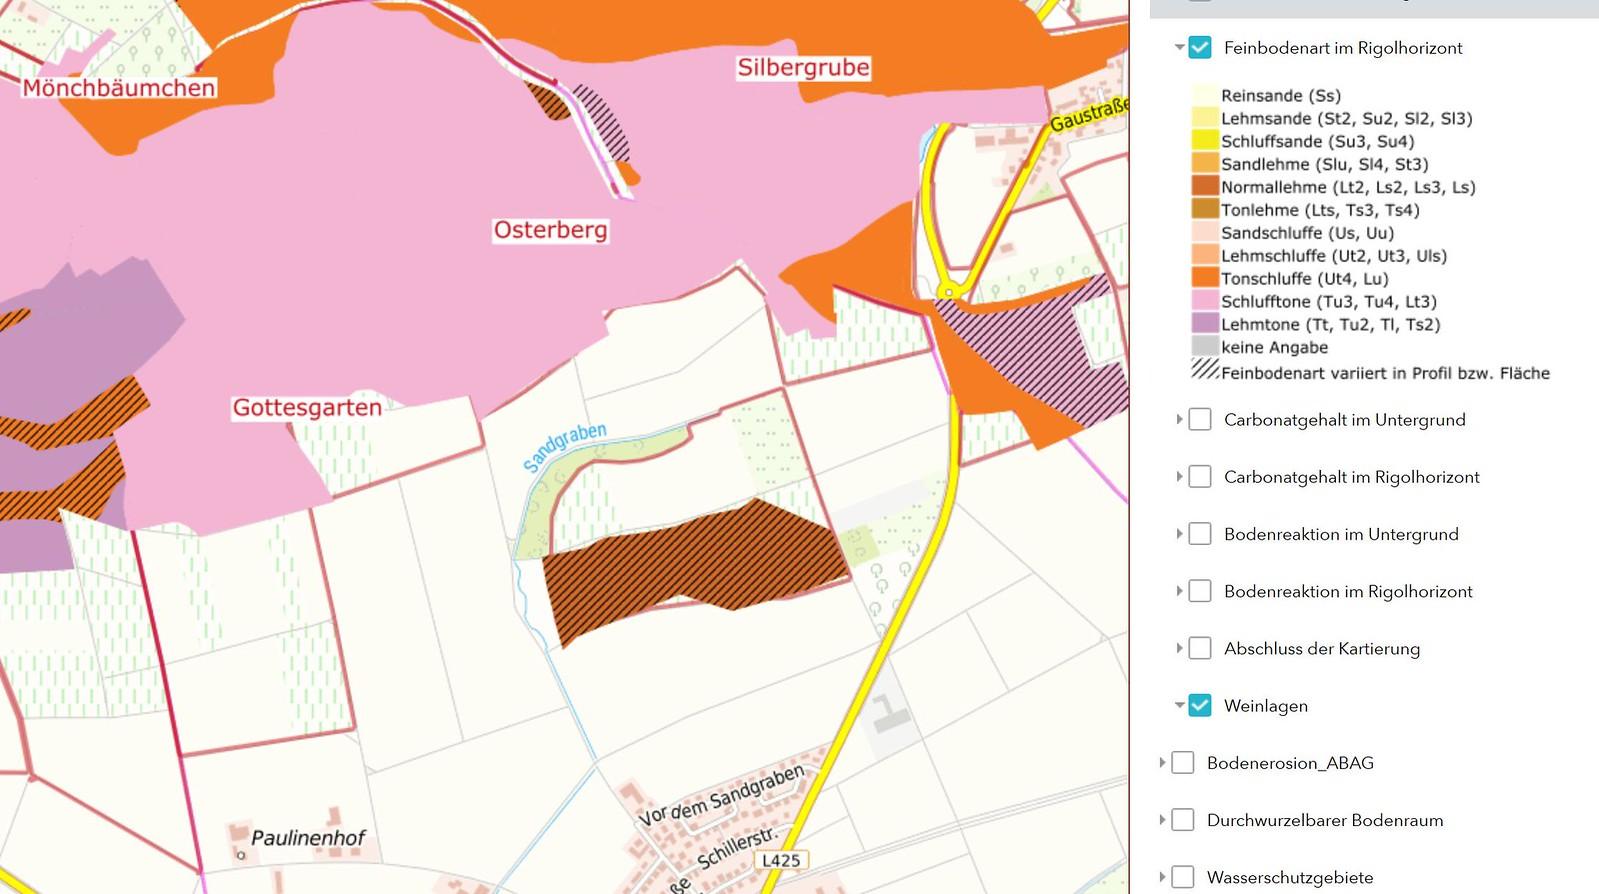 Feinbodenarten im Rigolhorizont bei Selzen (Quelle: Weinbergsbodenkarte vom GeoBox-Viewer Weinbau der Dienstleistungszentren Ländlicher Raum in Rheinland-Pfalz)